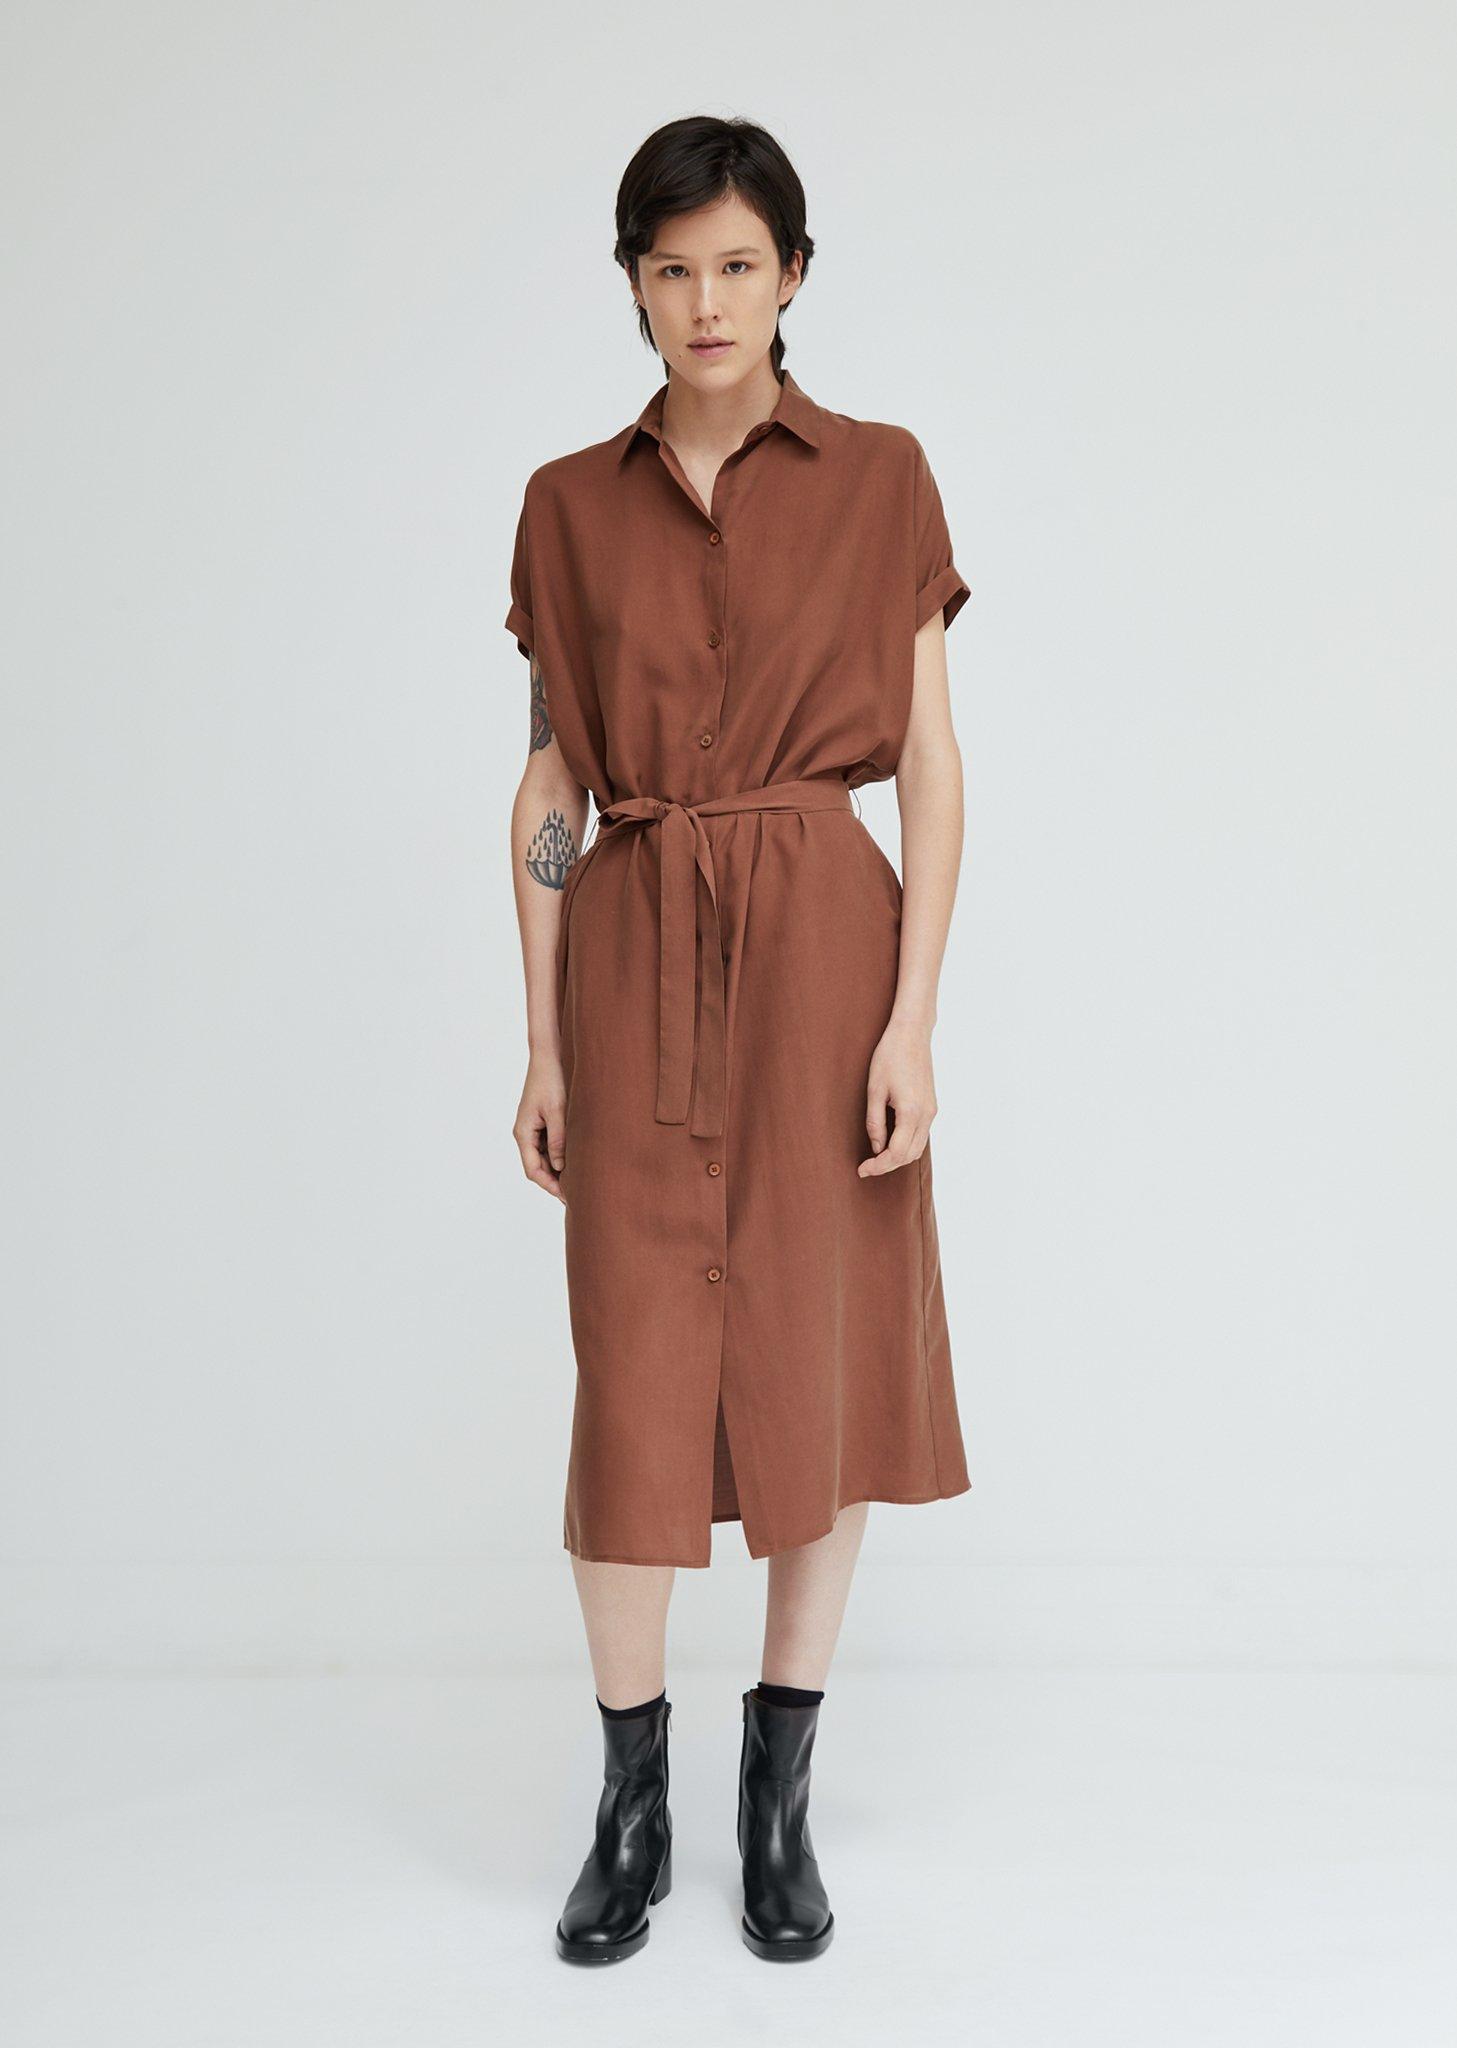 La Garçonne Moderne   Fashion, Perfect white shirt